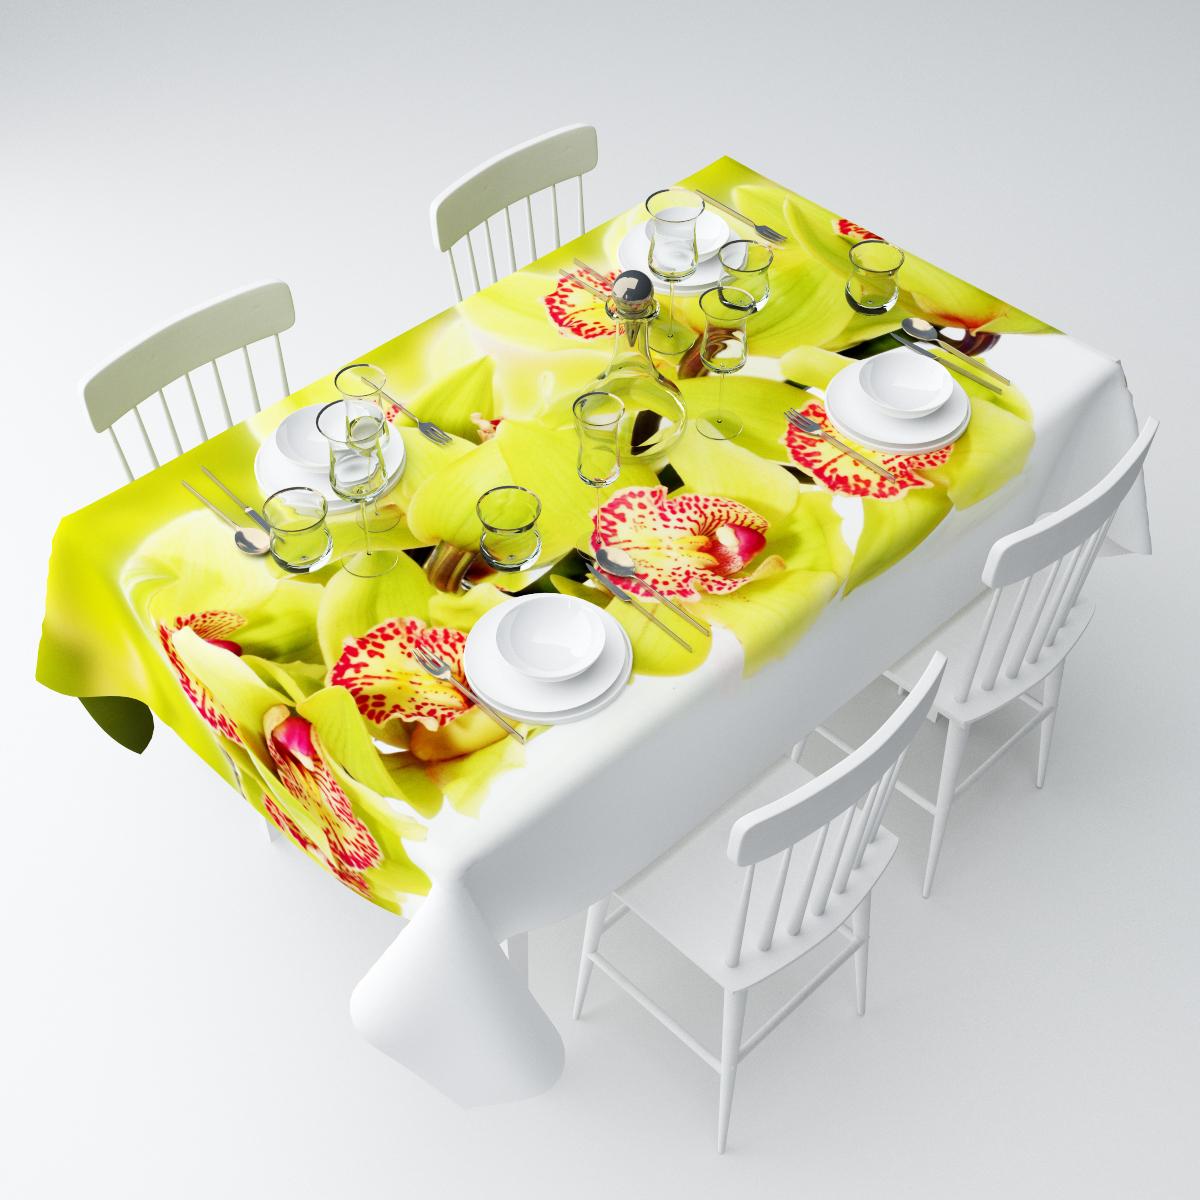 Скатерть Сирень Ветки зеленой орхидеи, прямоугольная, 145 х 120 смСКГБ003-04612Скатерть Сирень с ярким и объемным рисунком преобразит Вашу кухню, визуально расширит пространство, создаст атмосферу радости и комфорта. Размеры: 145х120 Рекомендации по уходу: стирка при 30 градусах гладить при температуре до 110 градусов Изображение на мониторе может немного отличаться от реального.